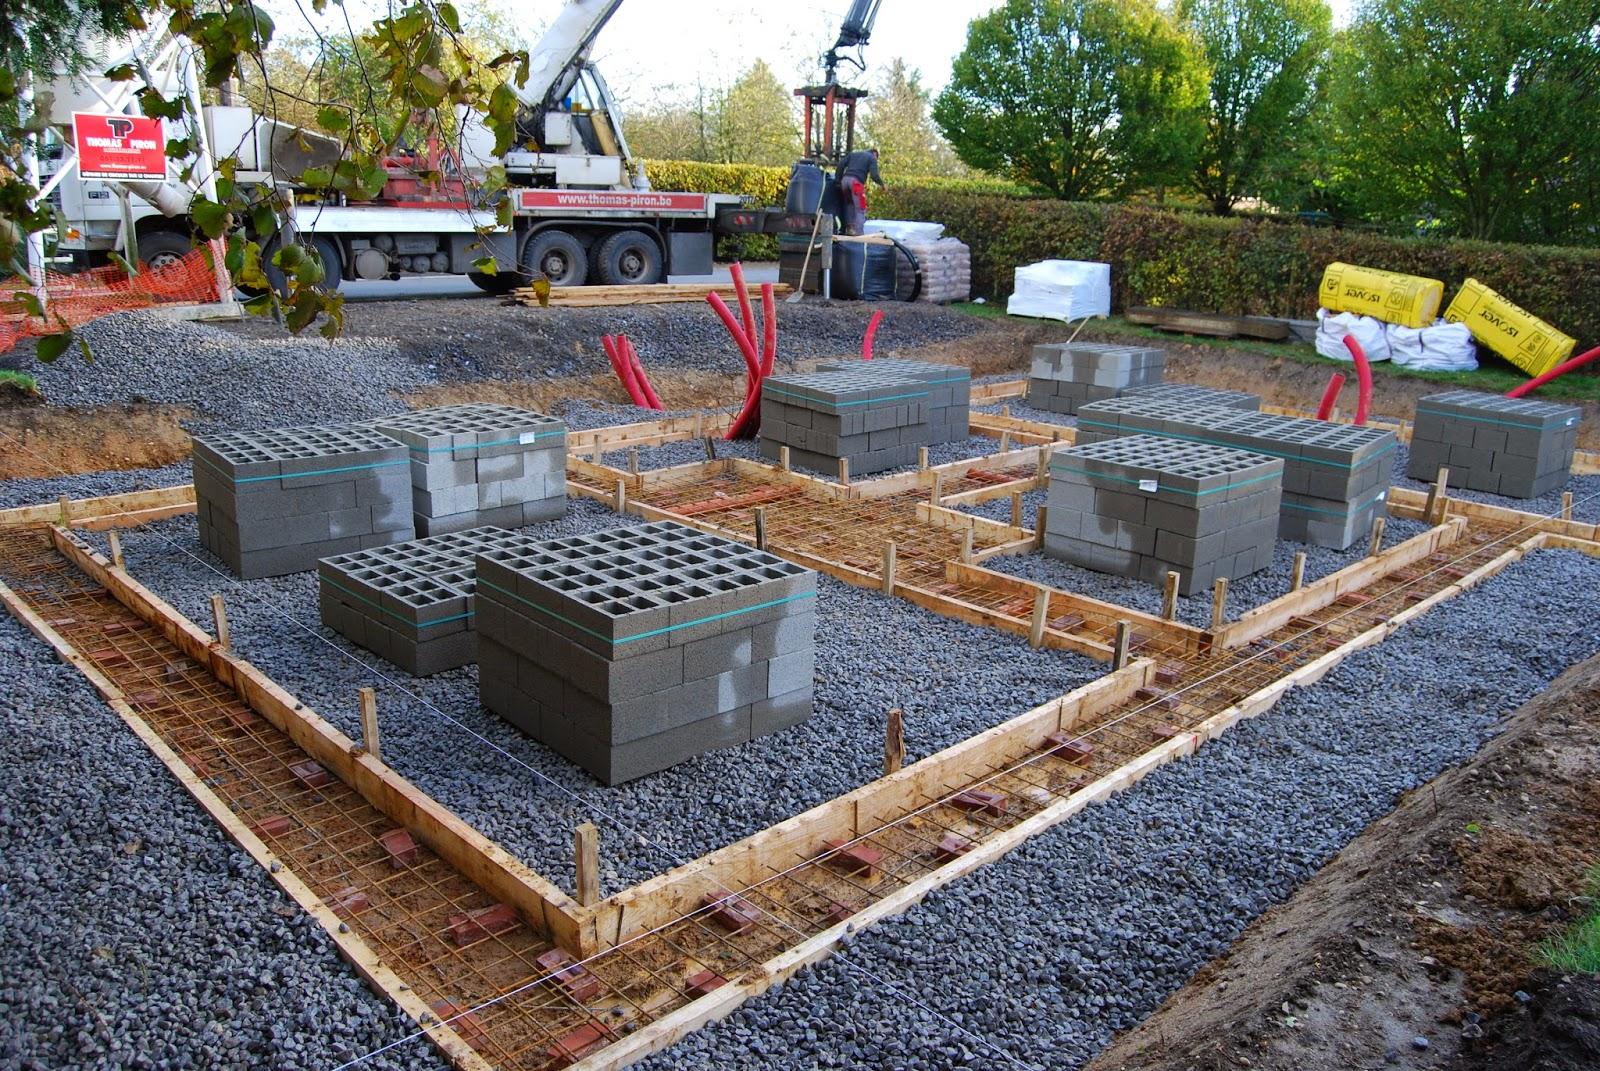 Cout d 39 une fondation b ton - Dalle beton refractaire pour barbecue ...